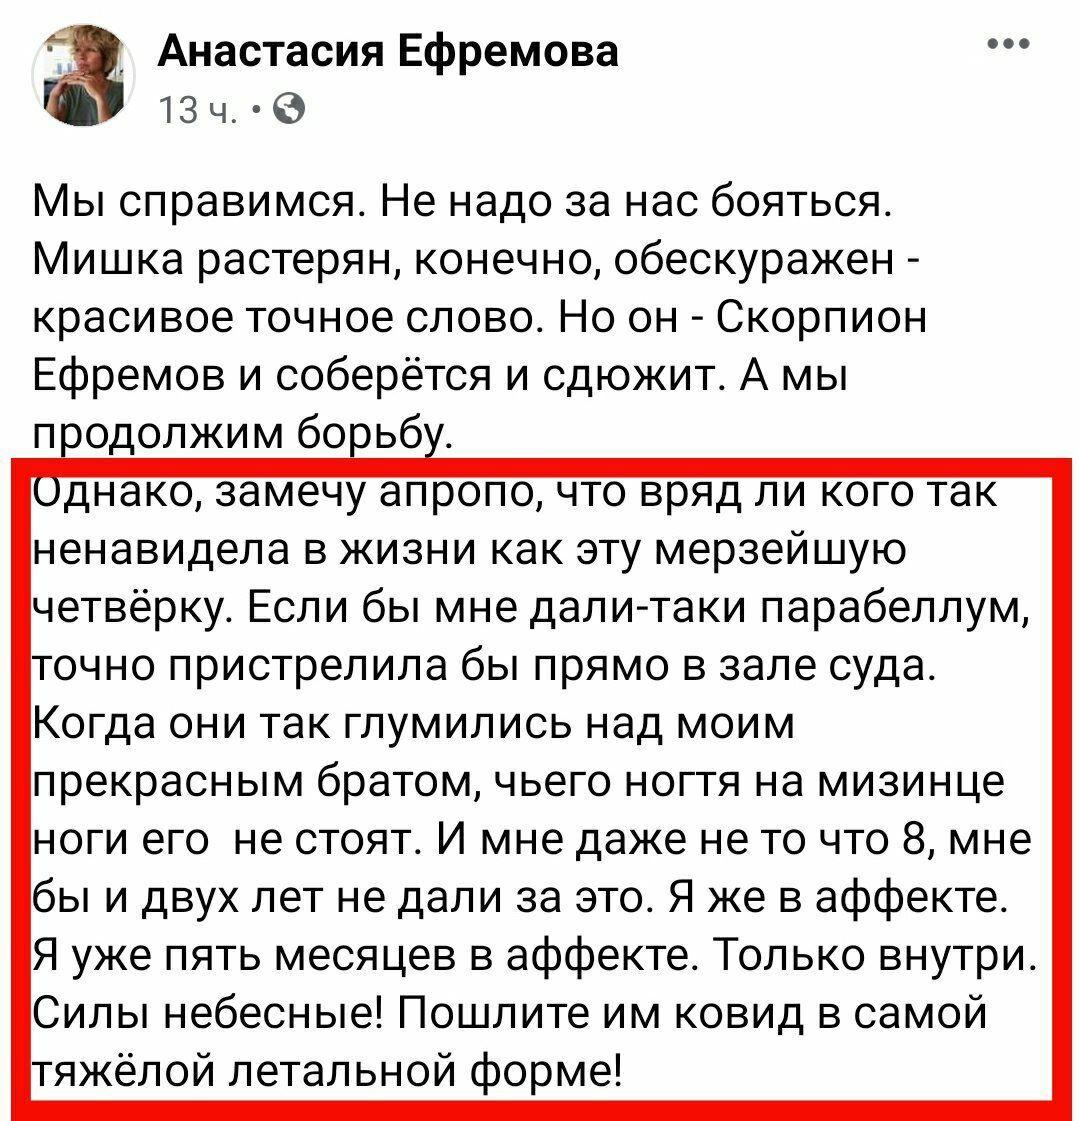 Сестра Ефремова резко прокомментировала смягчение приговора актера.